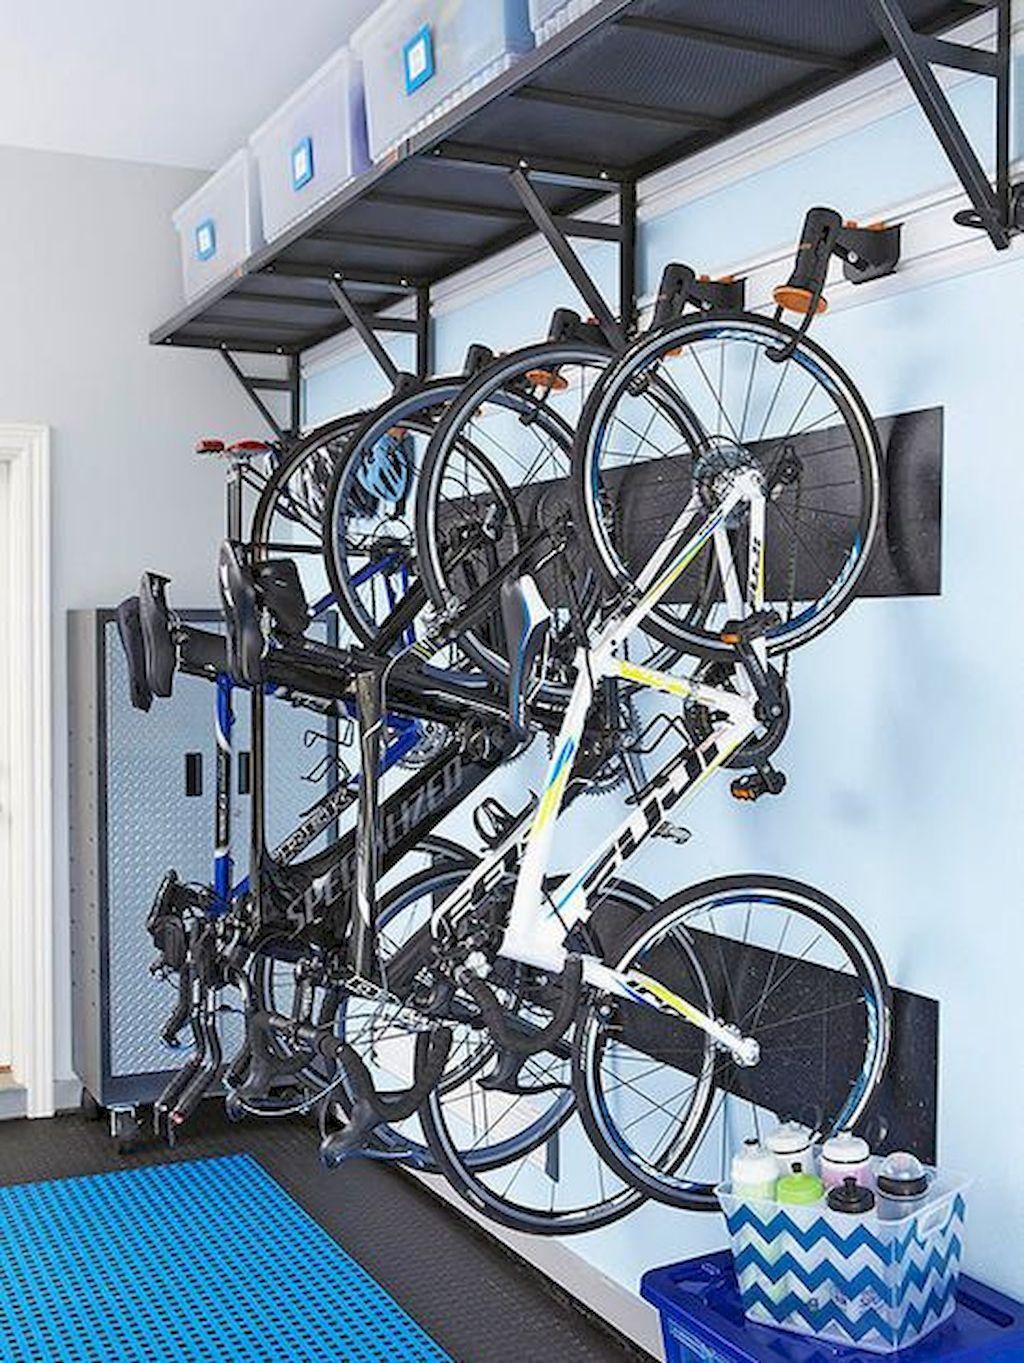 55 genius garage organization ideas with images garage on top 55 best garage workshop ideas basics of garage workshop ideas explained id=96353